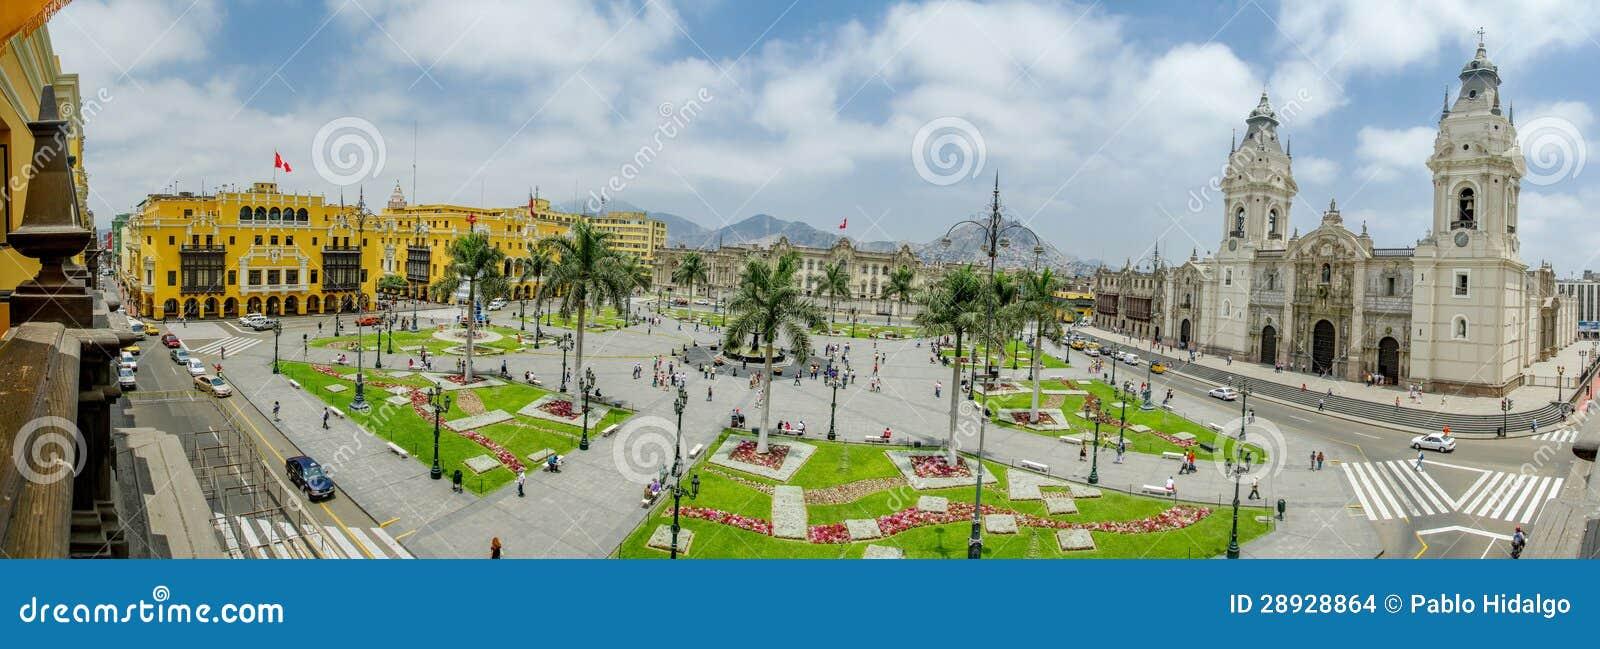 Plaza de armas opinião de Lima, Peru 180